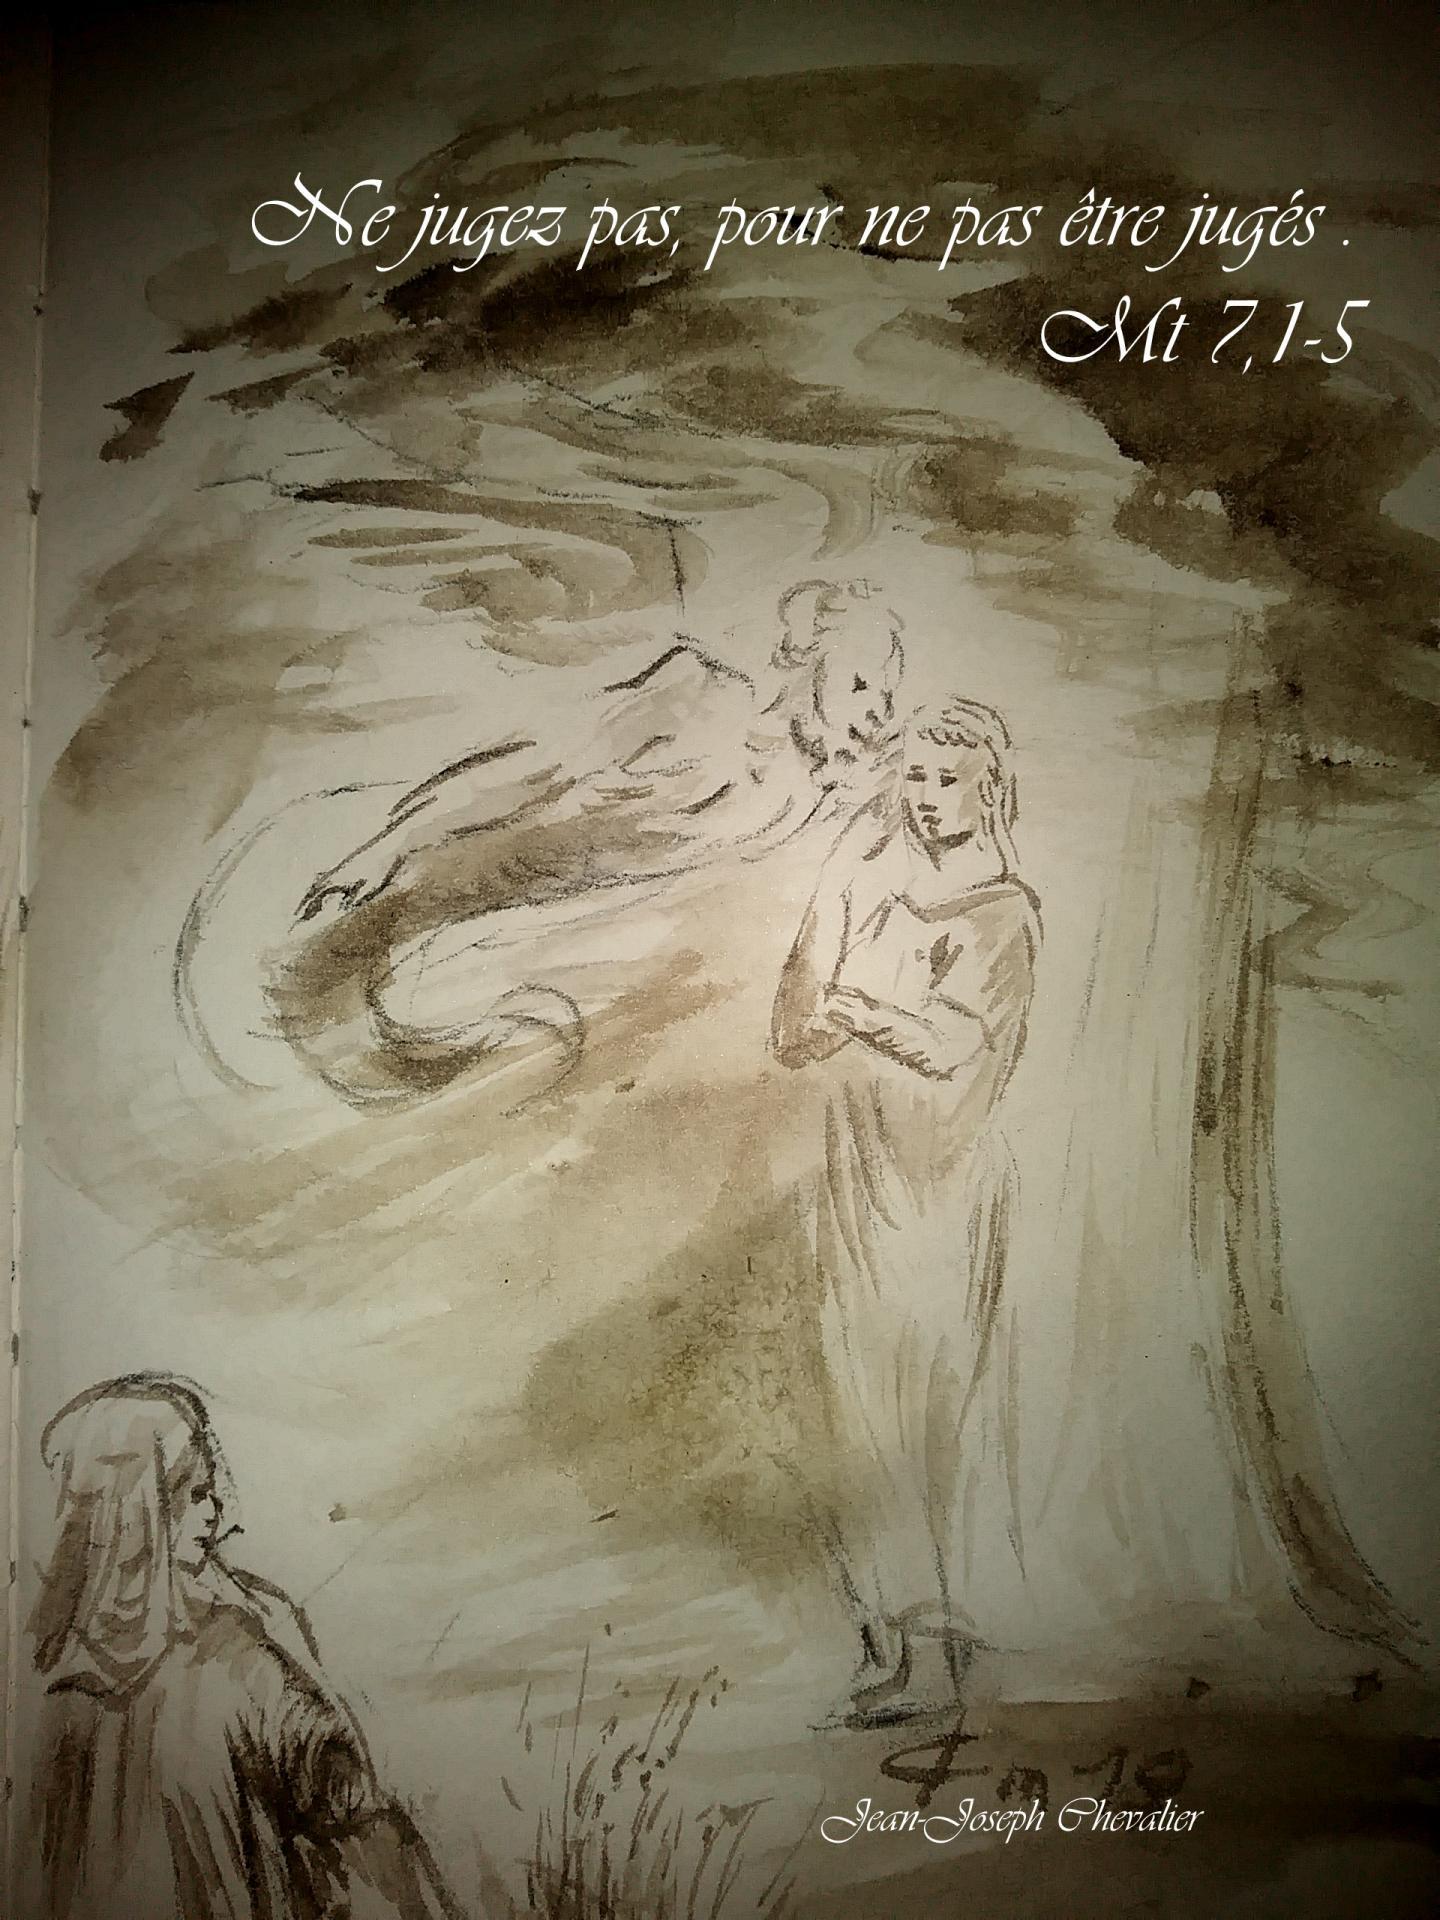 25 Juin 2018, évangile du jour illustré par un dessin au lavis